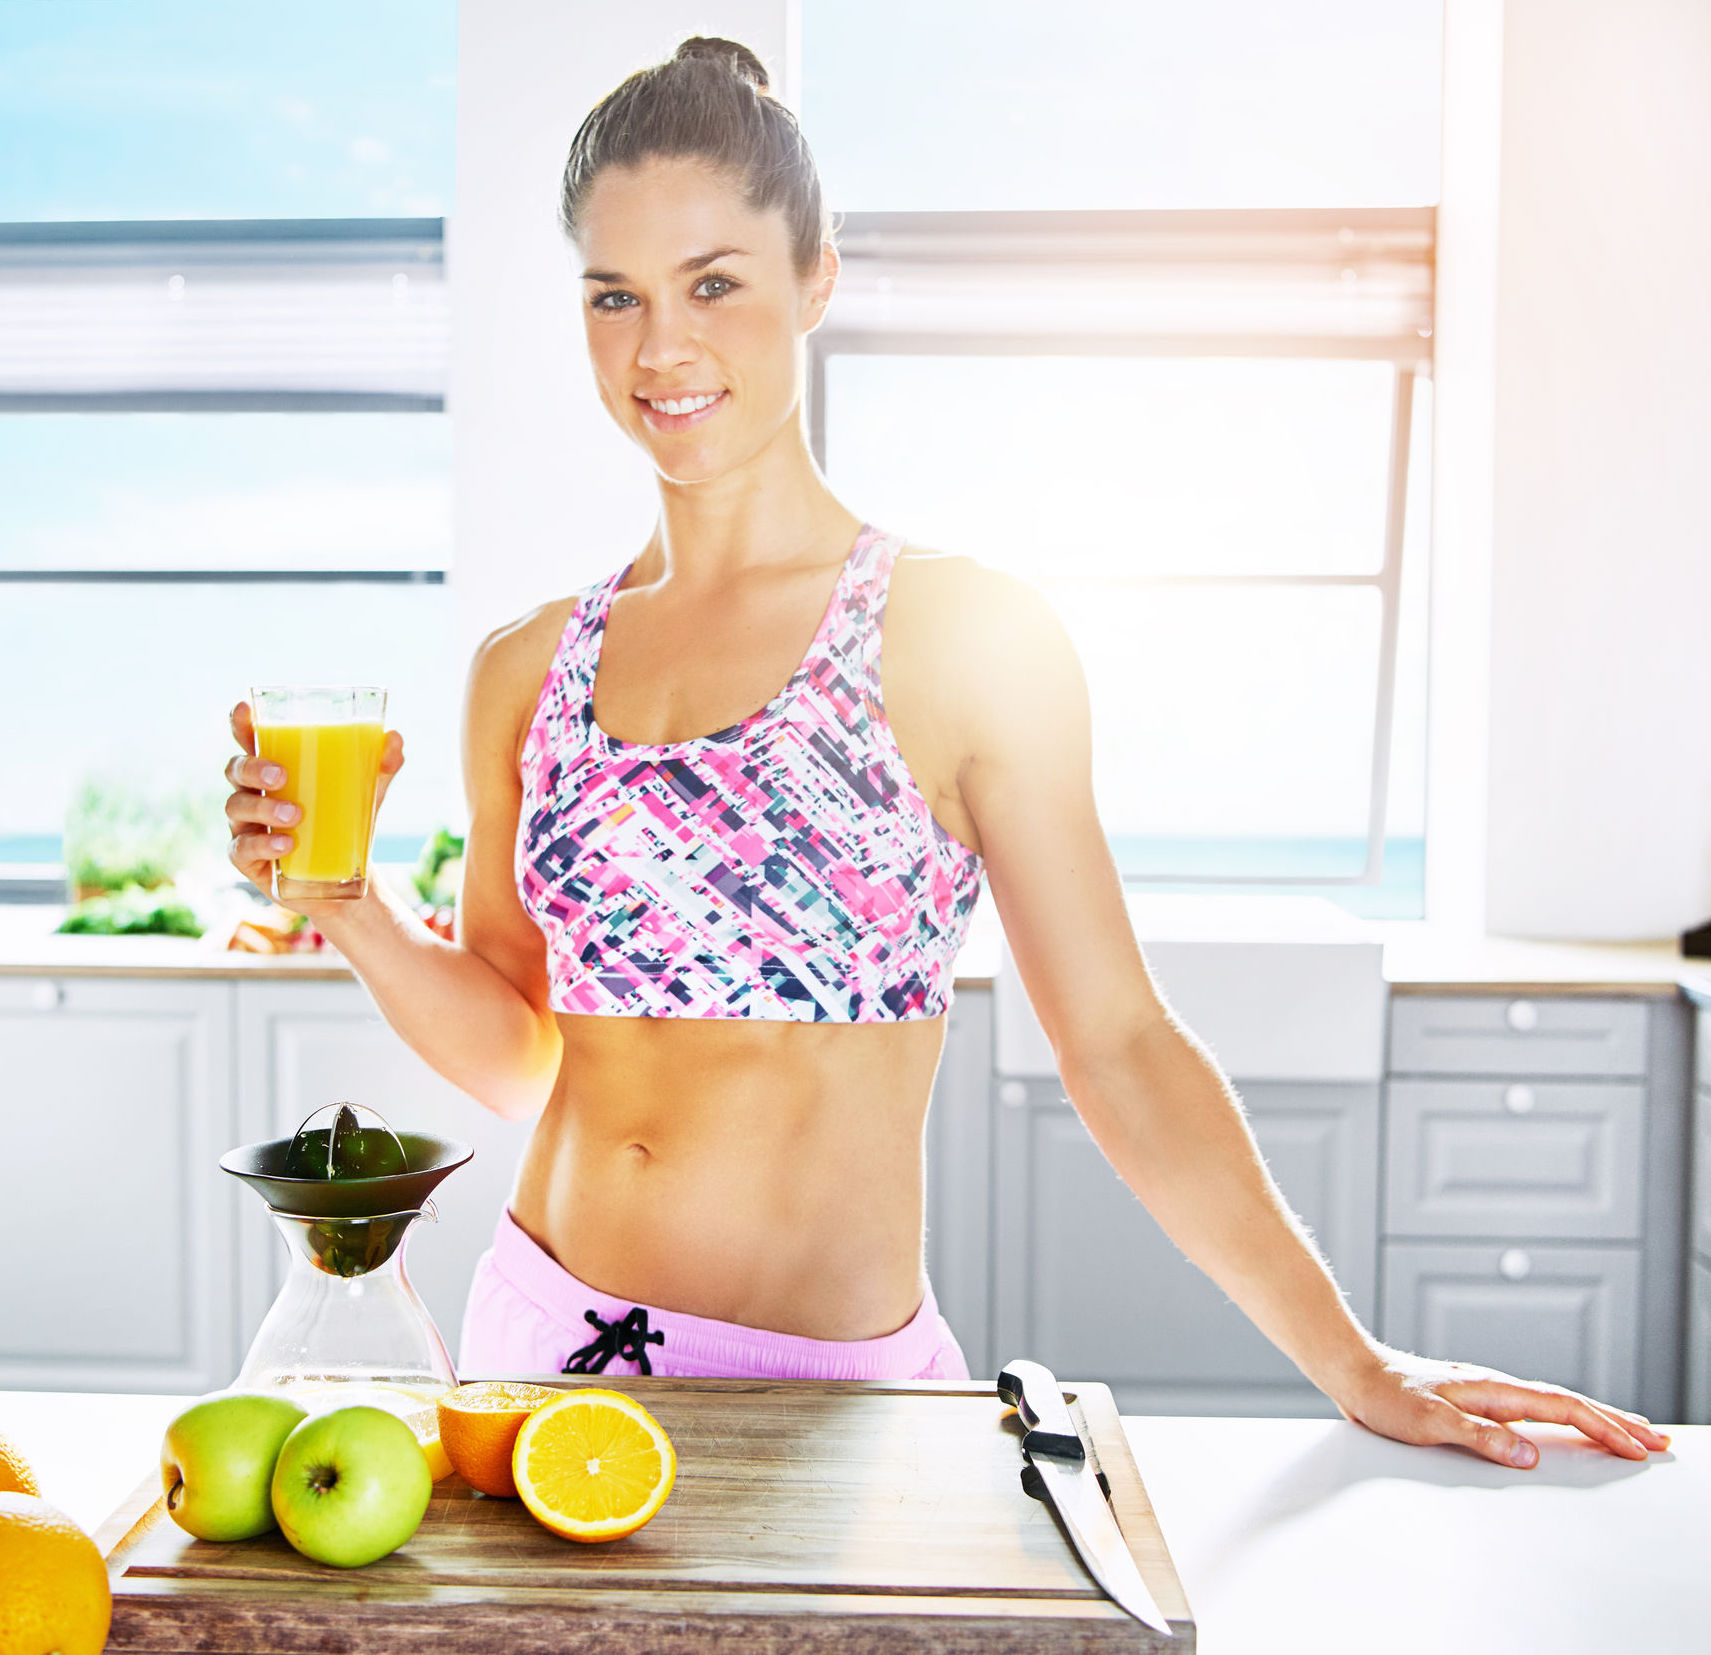 Frau die Vitamin C zu sich nimmt